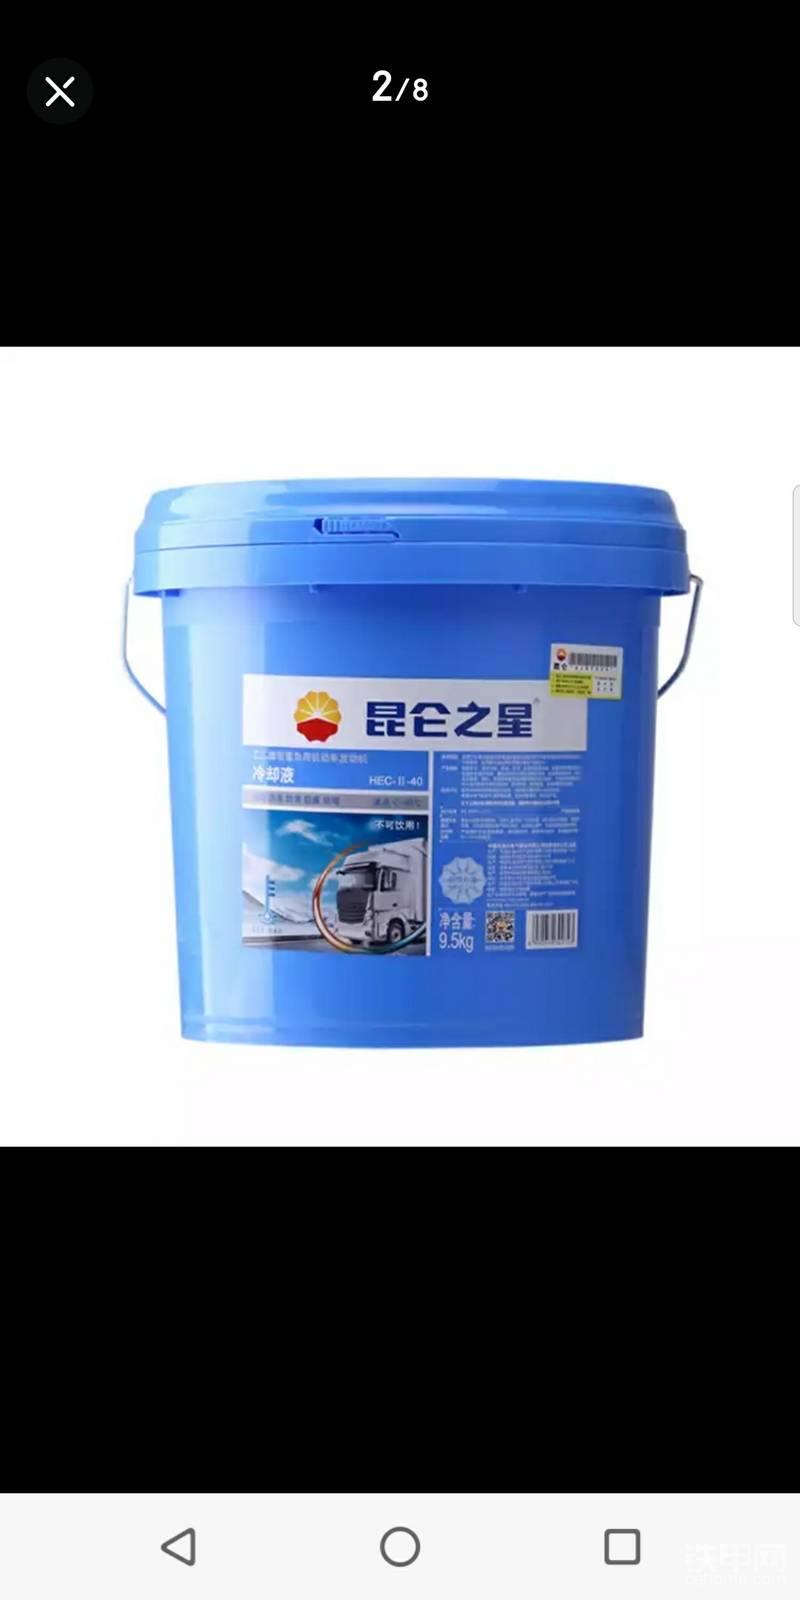 關于防凍液-帖子圖片